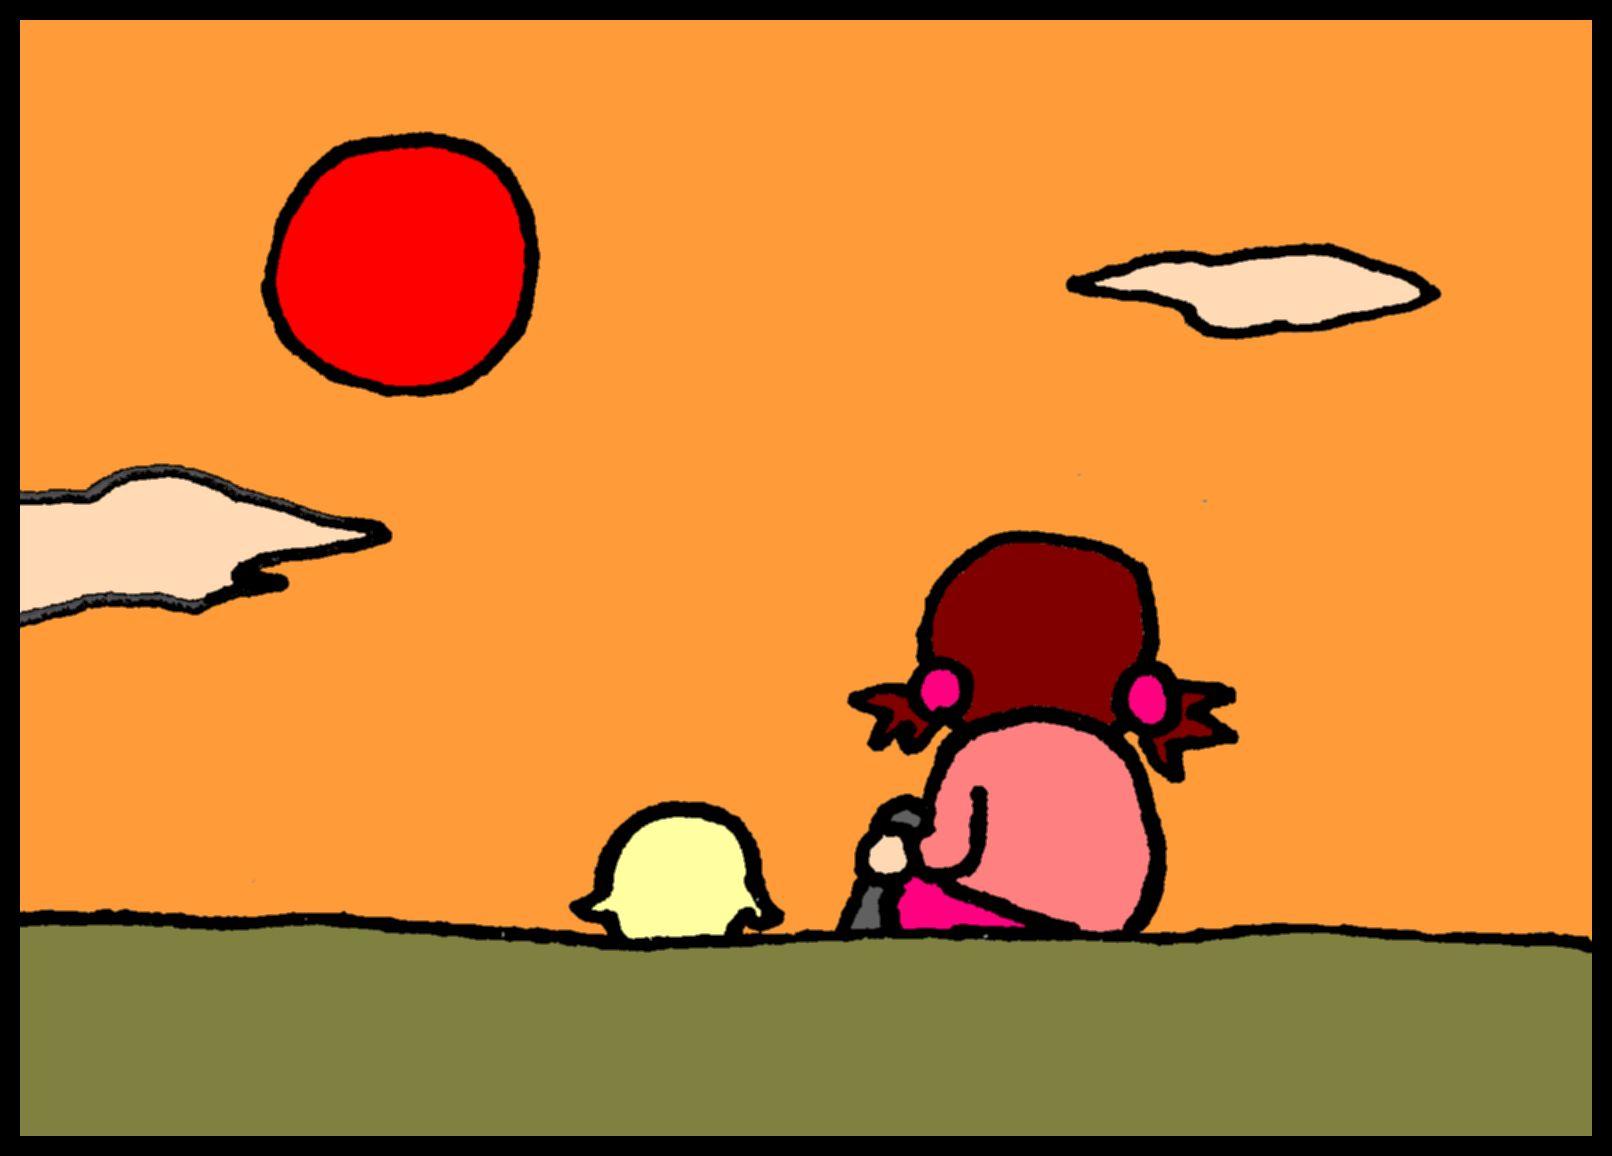 『夕やけちょこ』その26「たそがれ」(1)